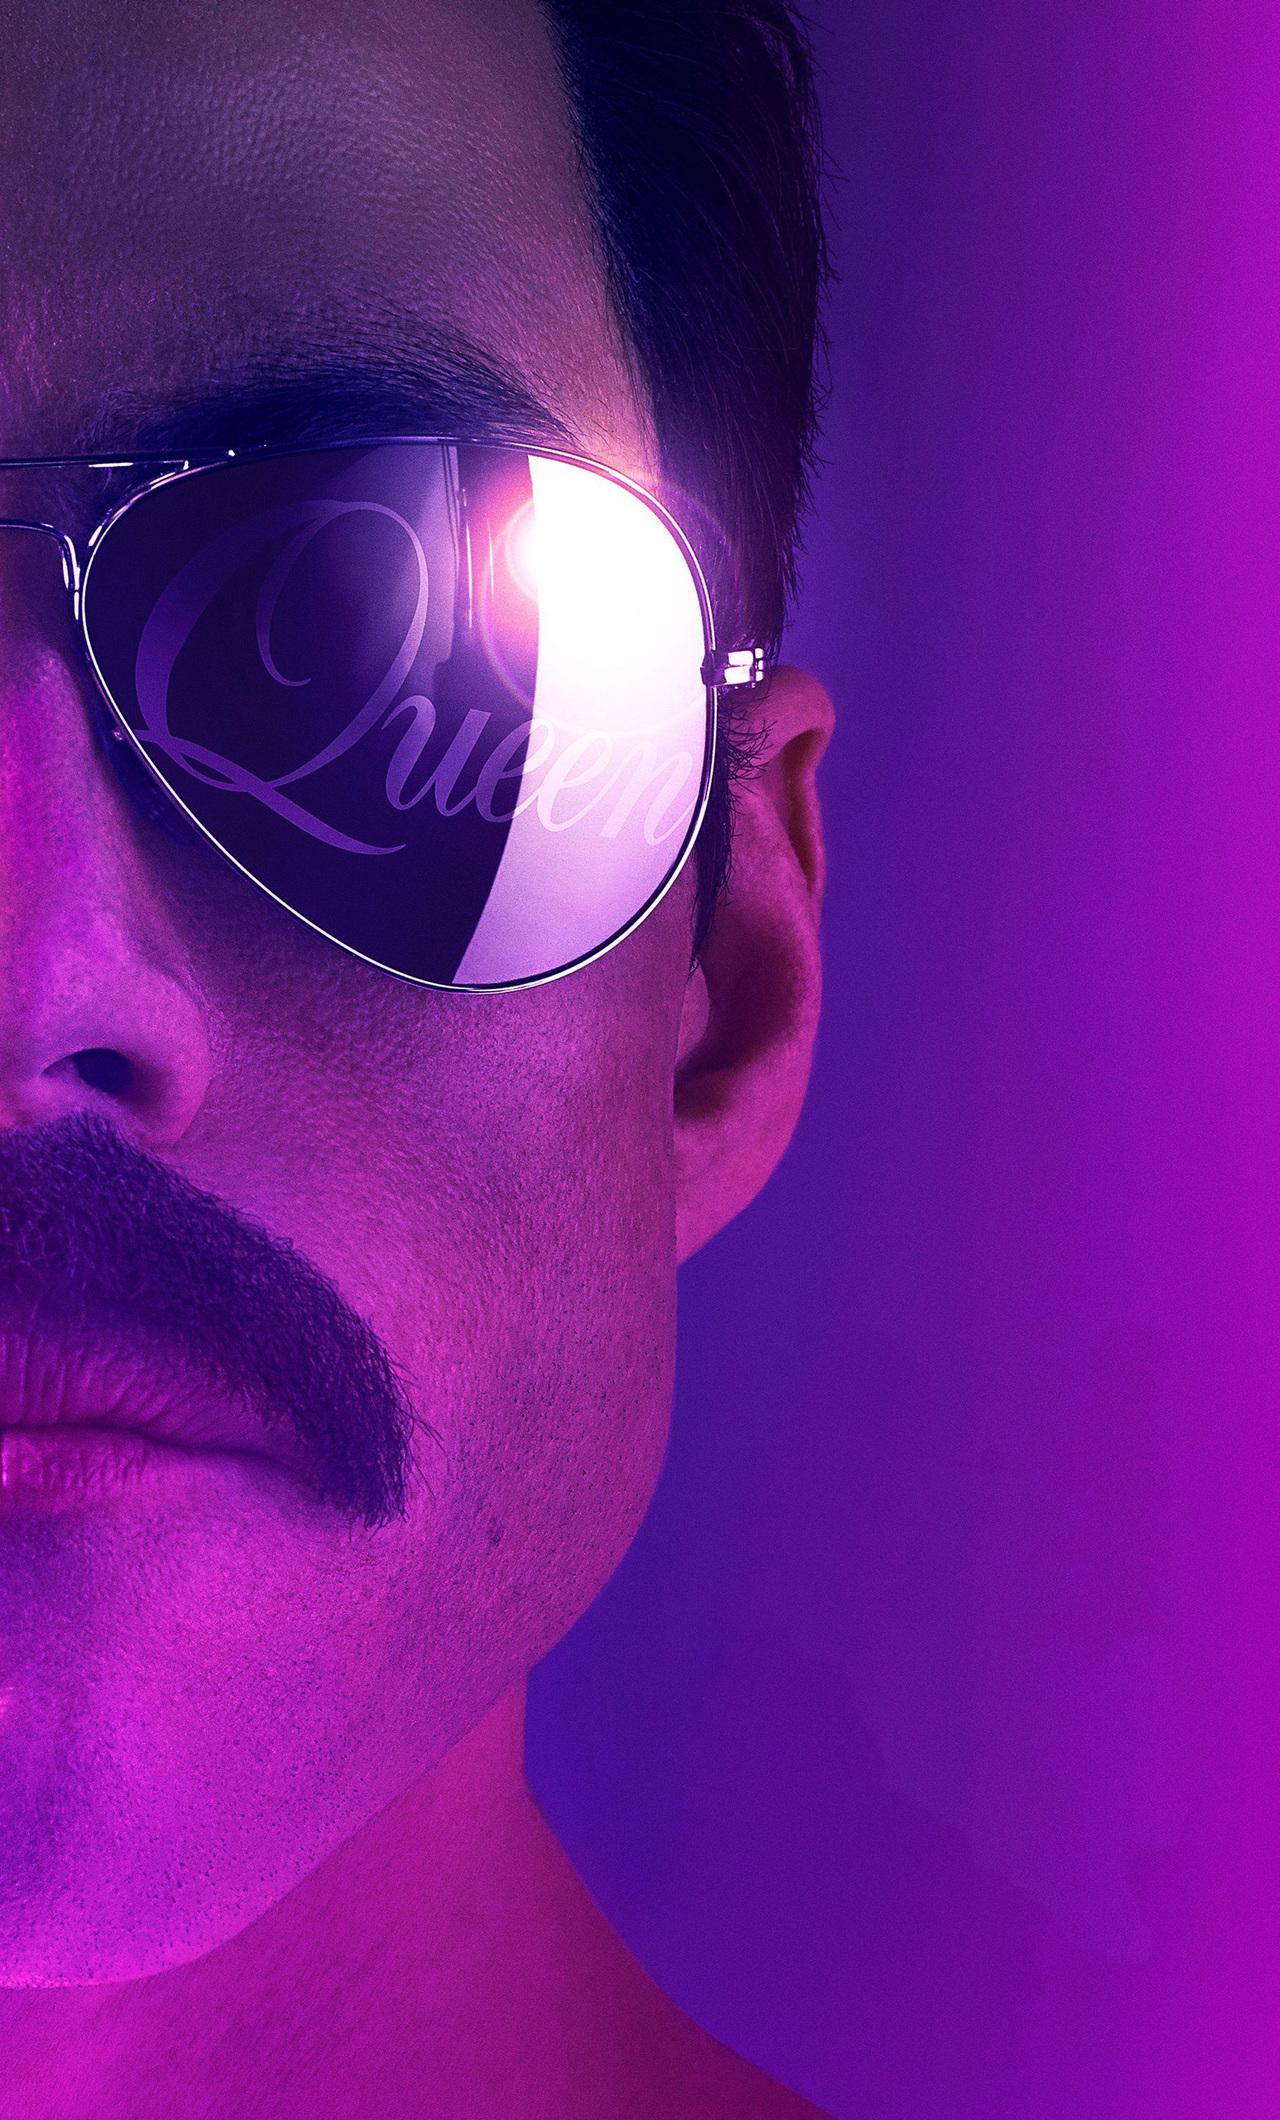 1280x2120 Bohemian Rhapsody Movie Iphone 6 Hd 4k Wallpapers